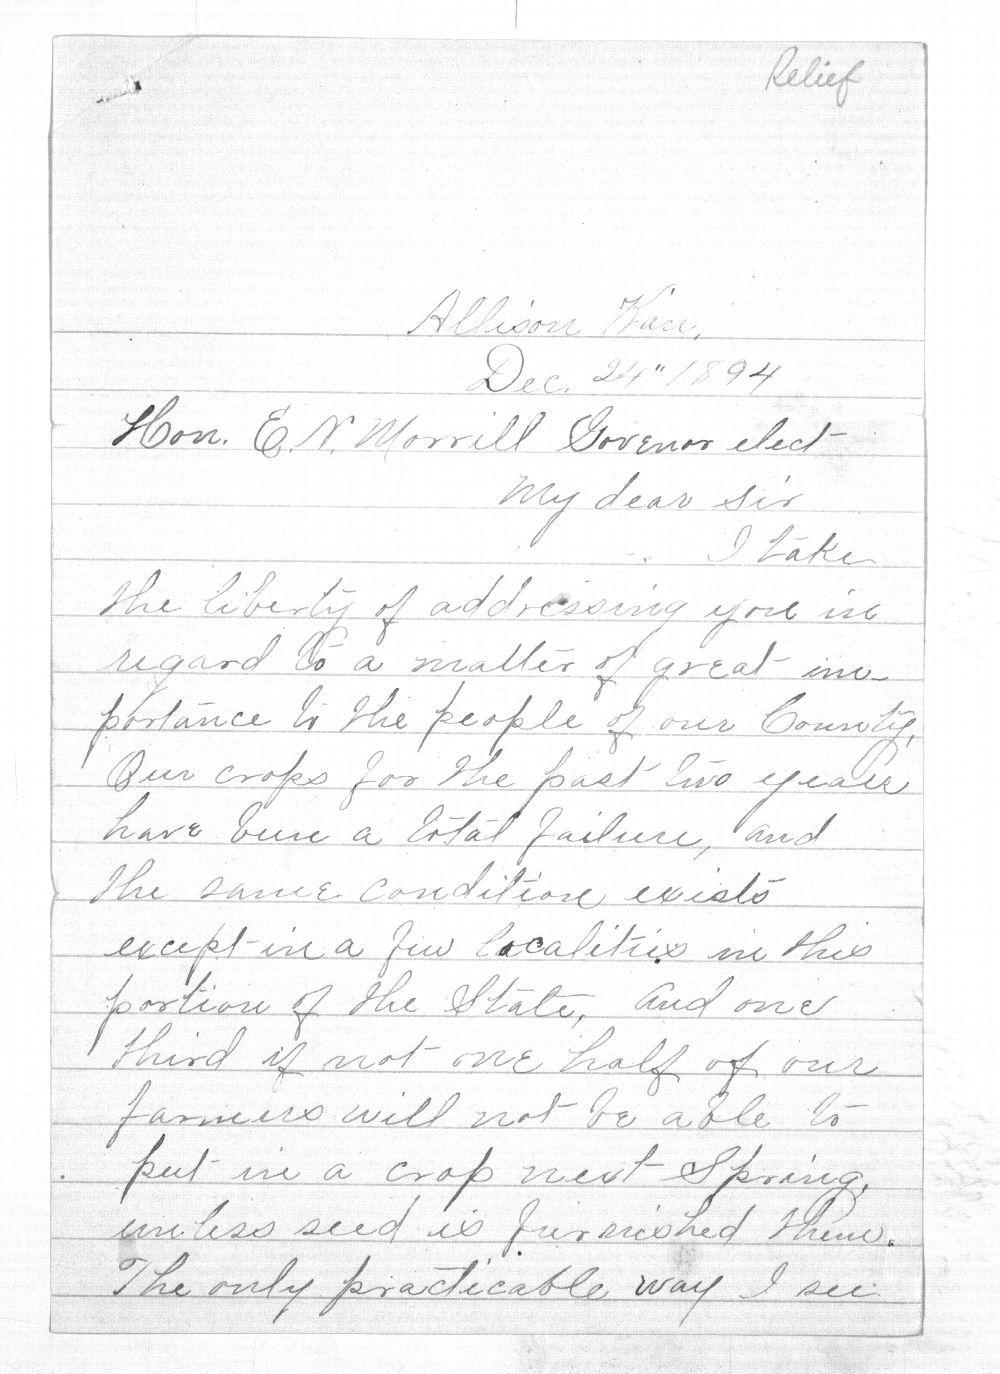 C. C. Evans to Governor Edmund Morrill - 1